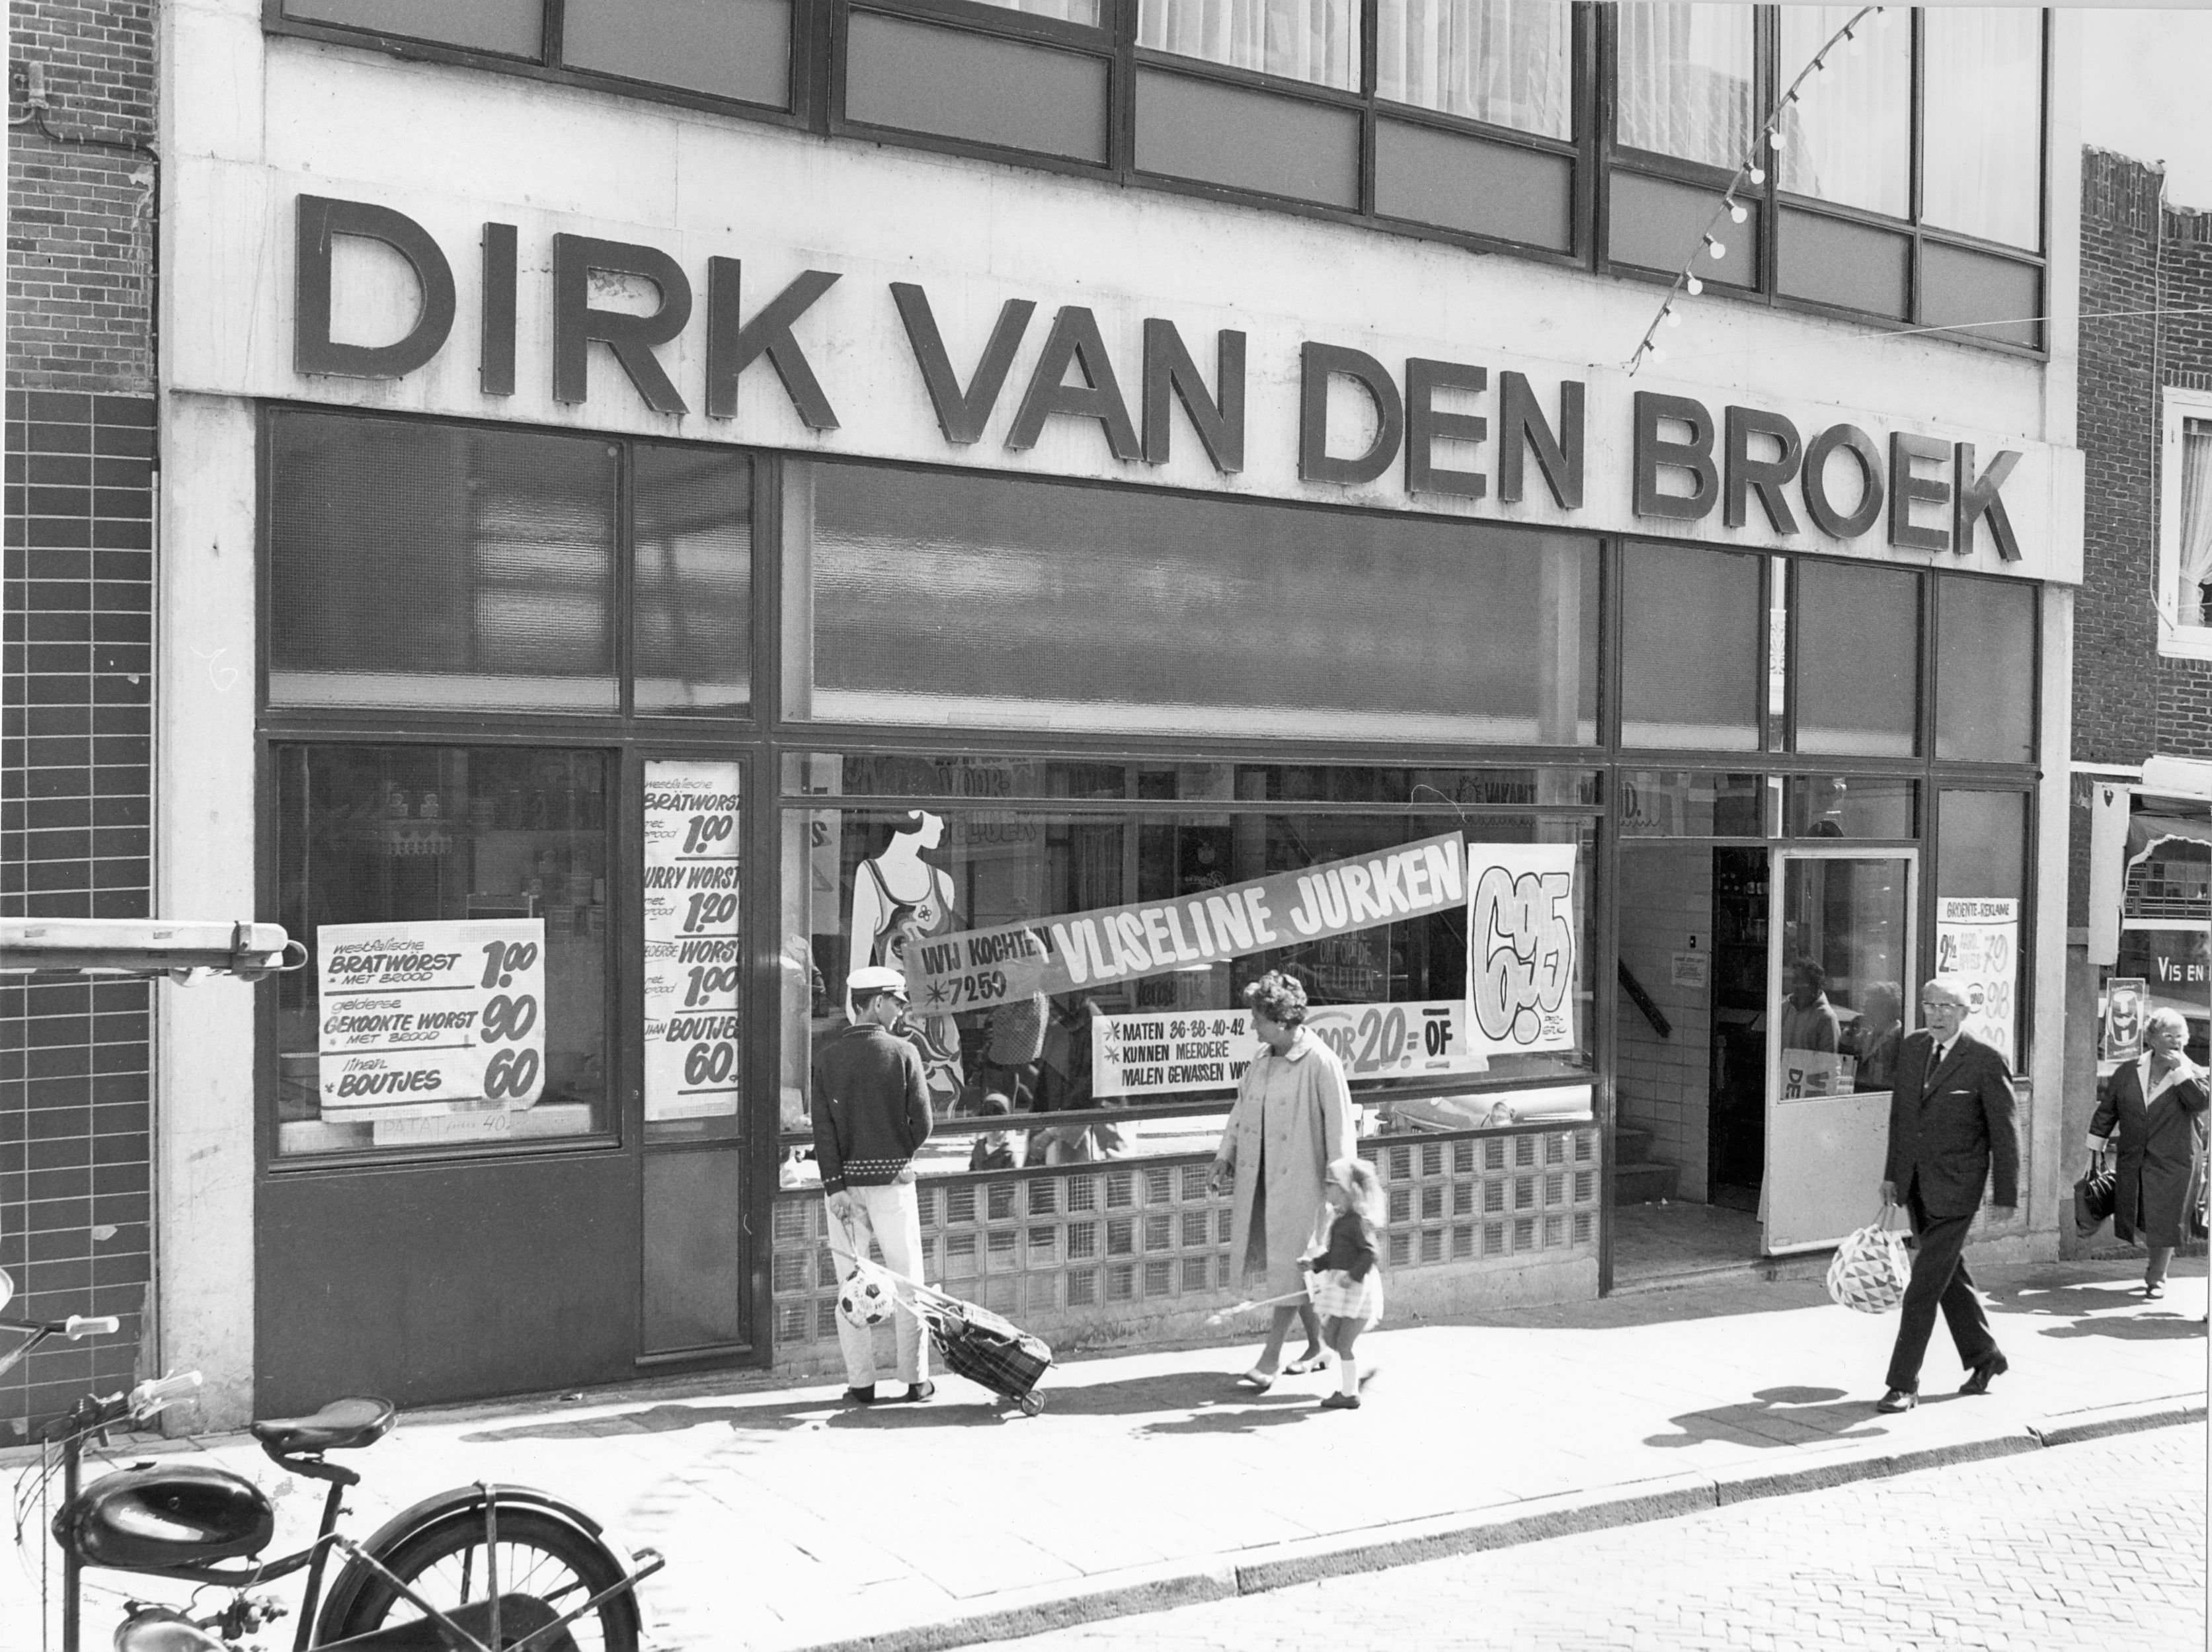 e58b2bf8072757dbd023cdad5b04a917 - Dirk Van Den Broek Fiets